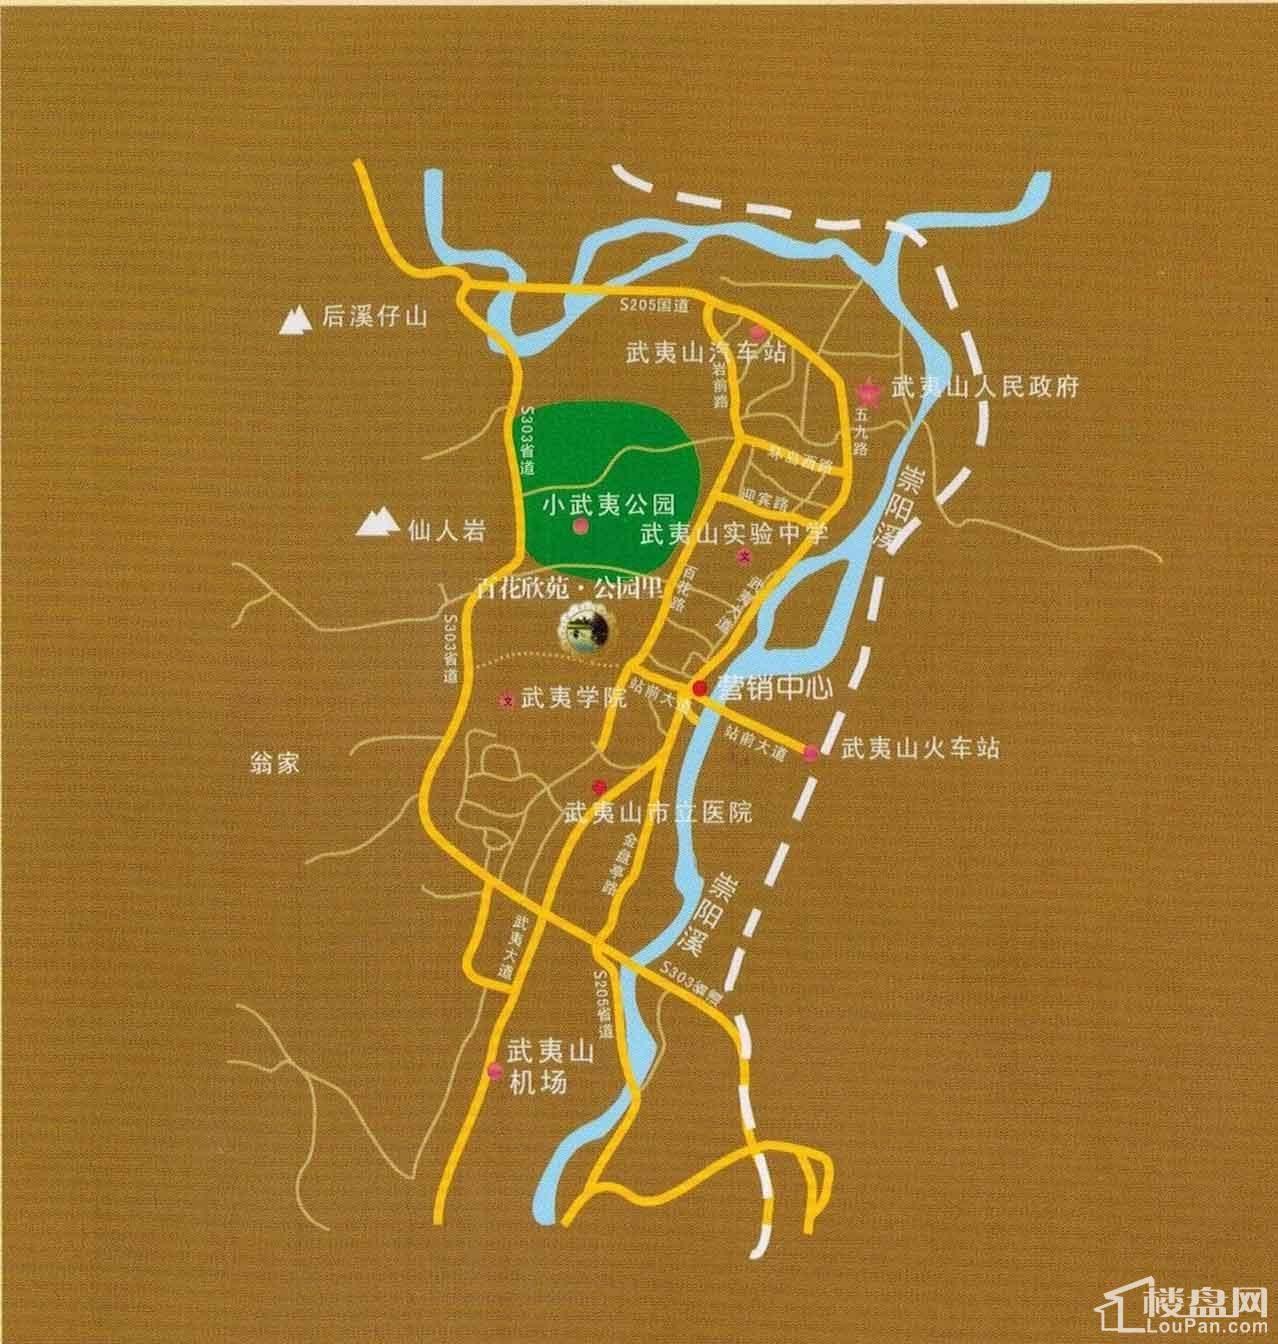 武夷山百花欣苑公园里位置图